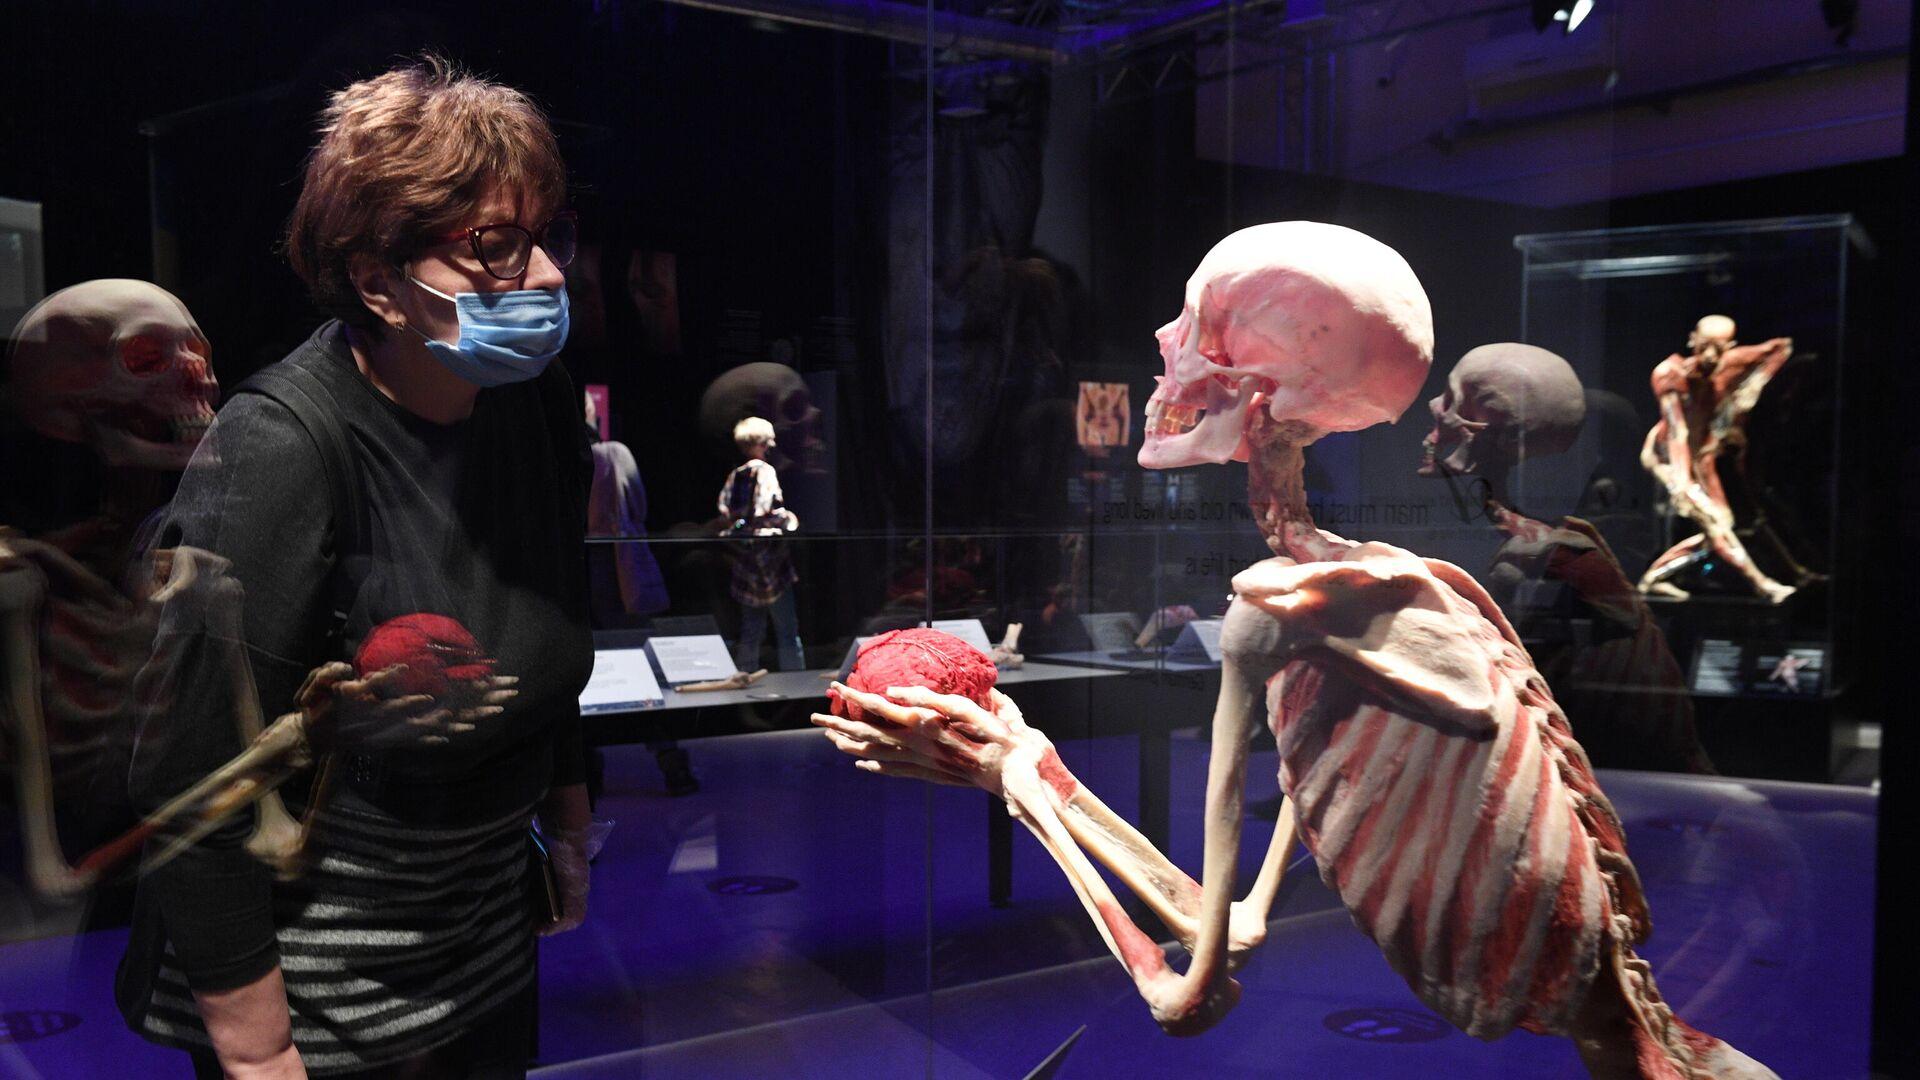 Выставка Body Worlds. Мир тела в Москве - РИА Новости, 1920, 12.03.2021